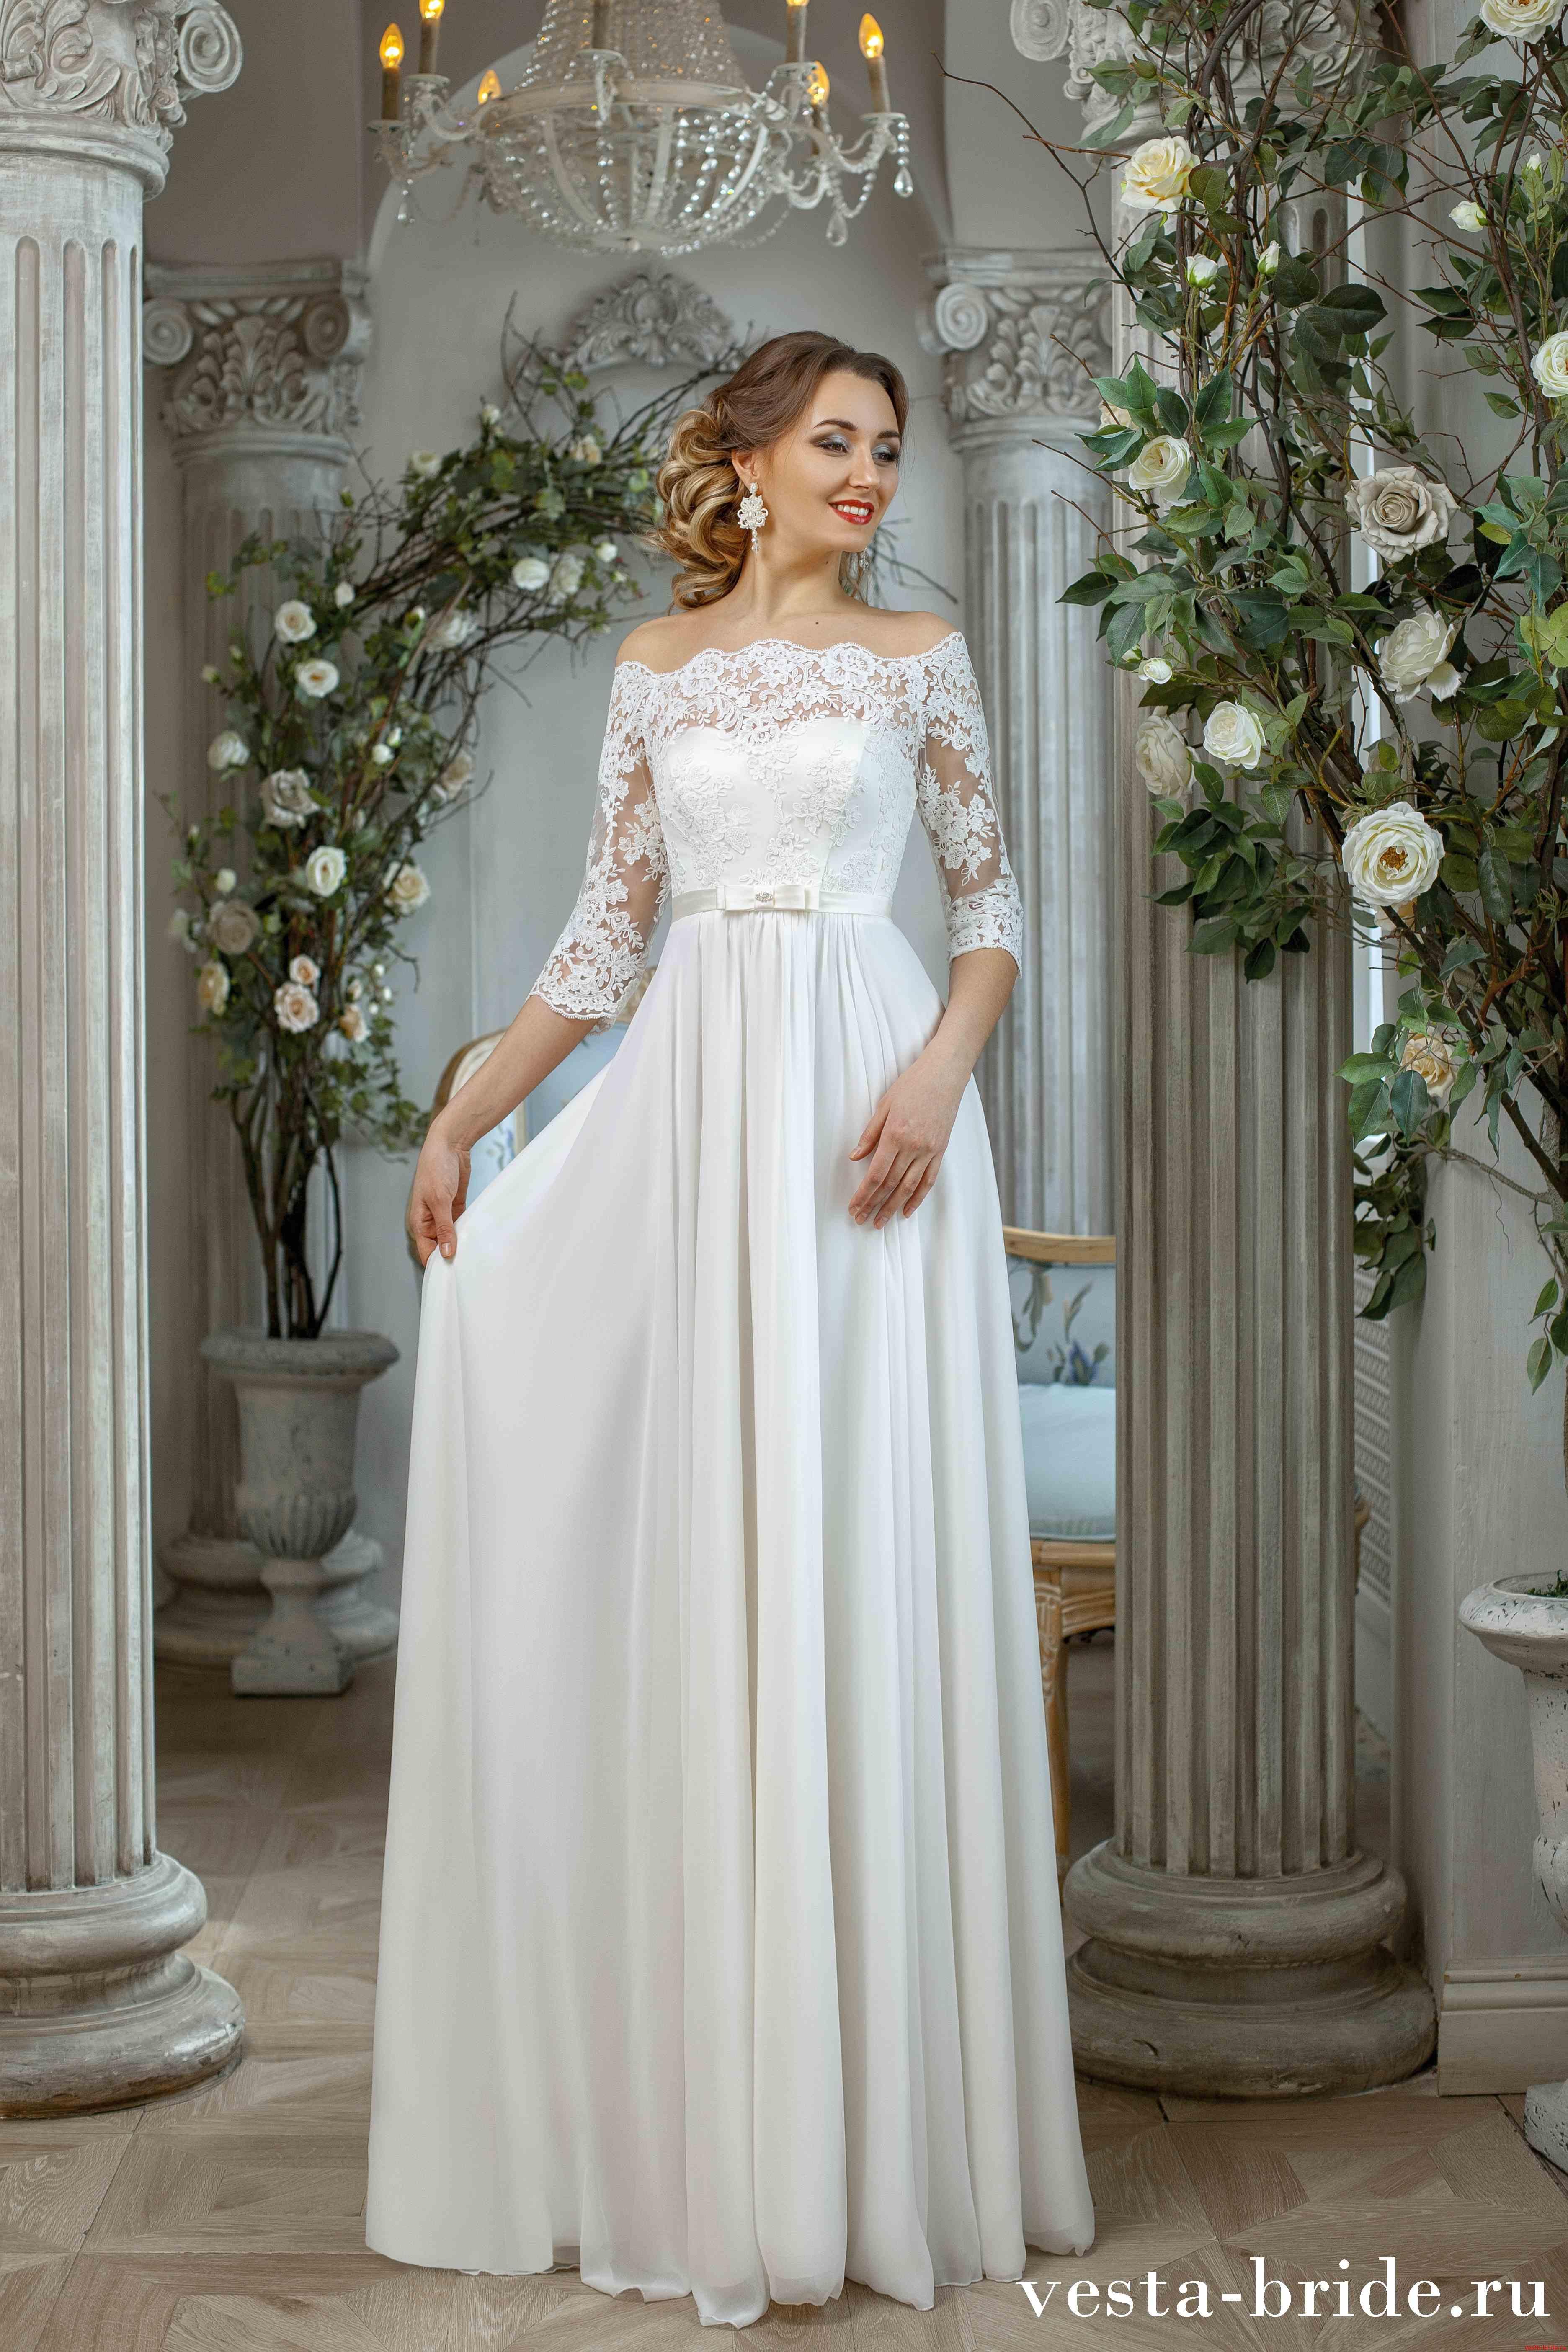 c2d0047e0fd Свадебные платья до 20000 рублей в Санкт-Петербурге  каталог